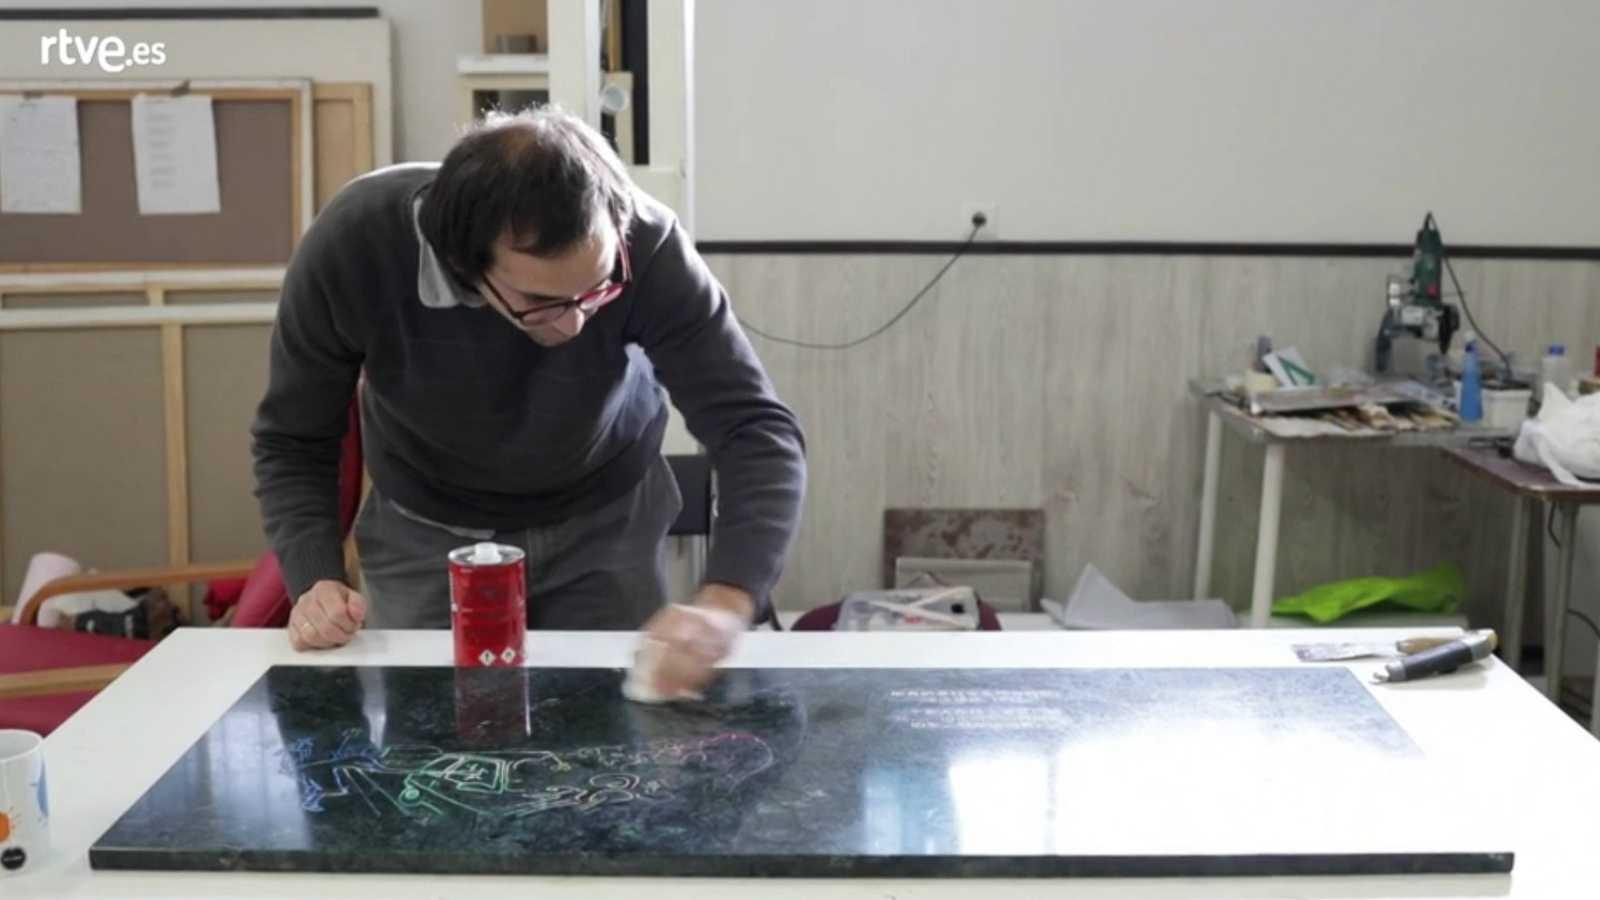 Desatados - Daniel Silvo, Artista multidisciplinar - Ver ahora